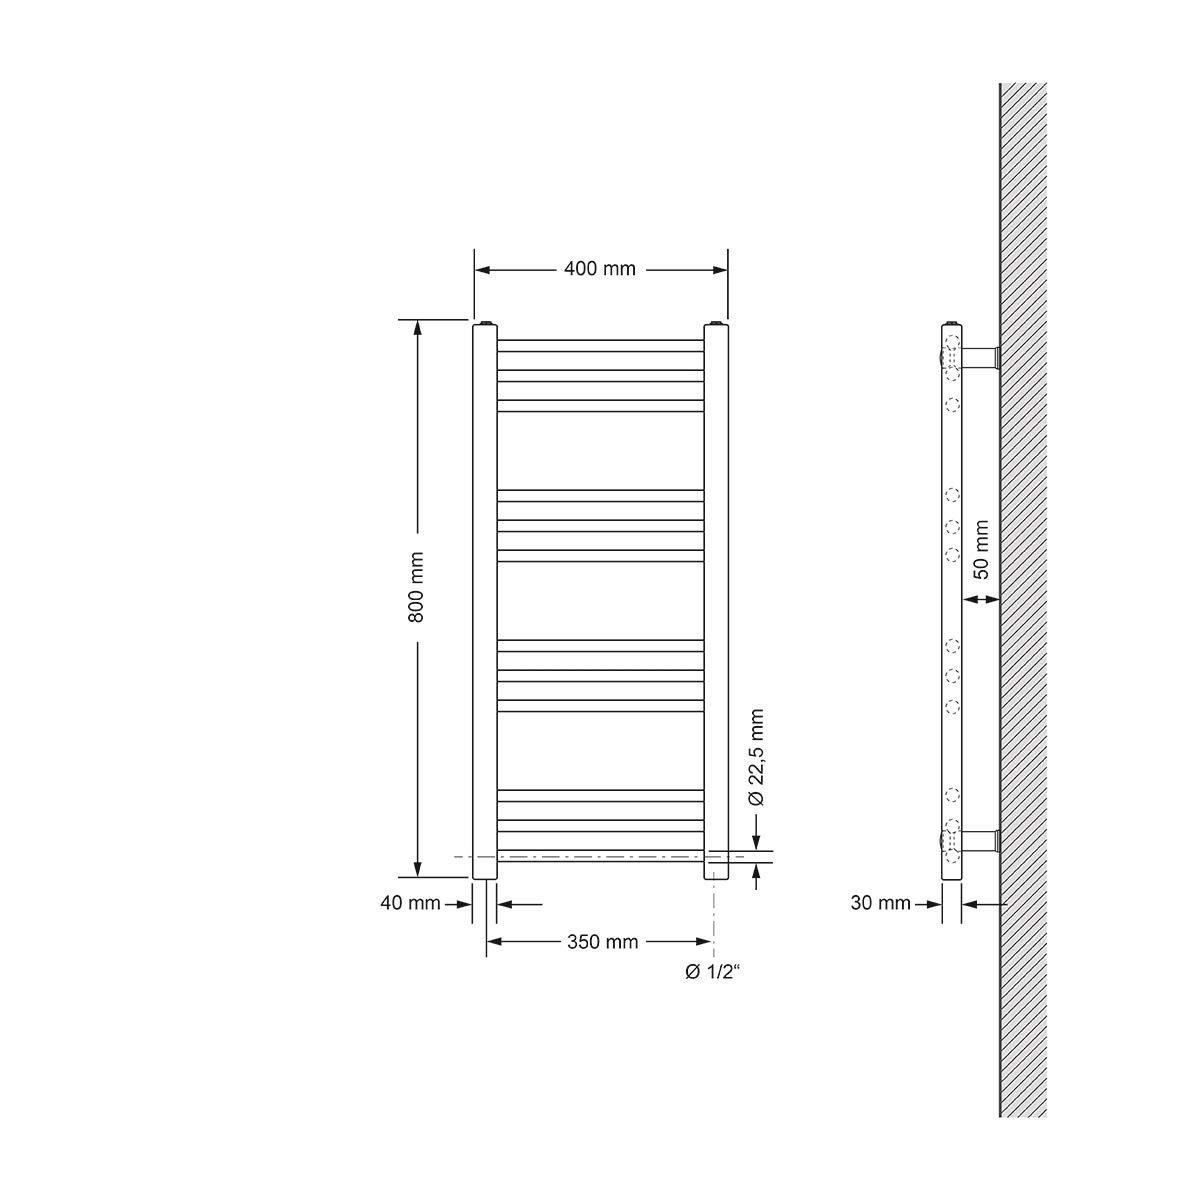 blanco secador de toalla 300 x 1800 mm dise/ño plano con conexi/ón central ECD Germany Radiador de ba/ño No electrico